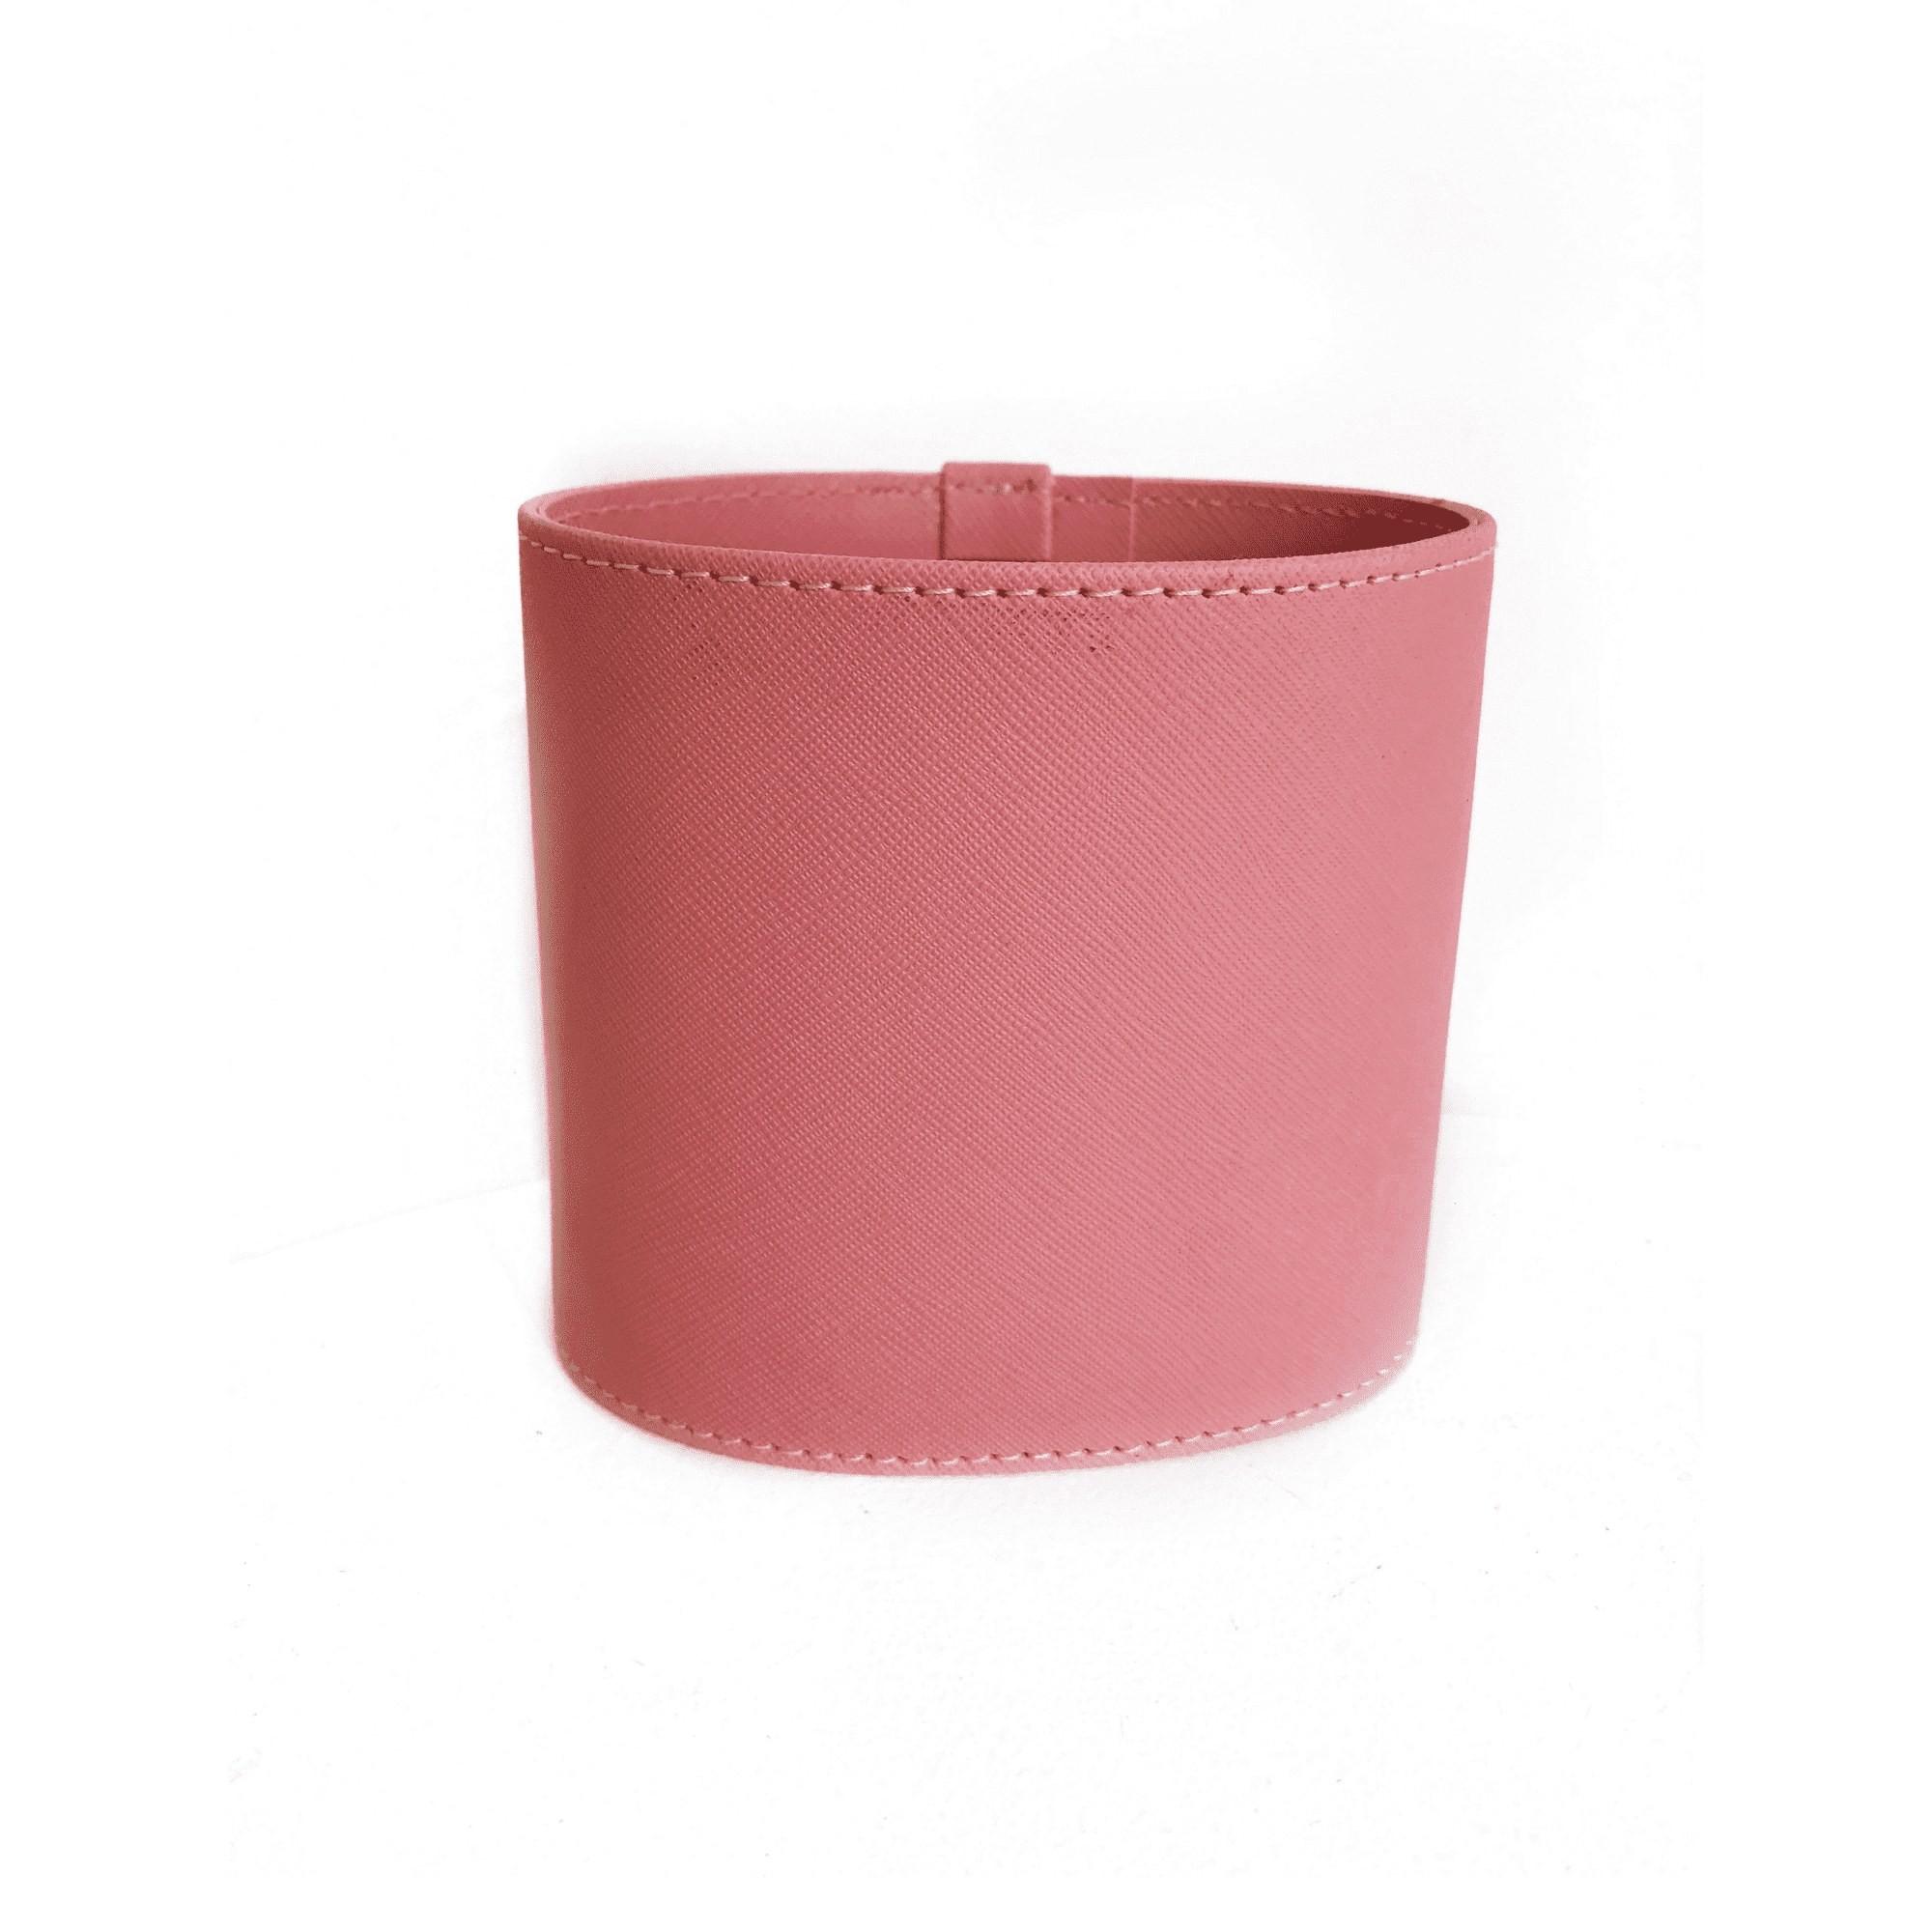 Porta lápis/controle/pincéis - Rosa chiclete